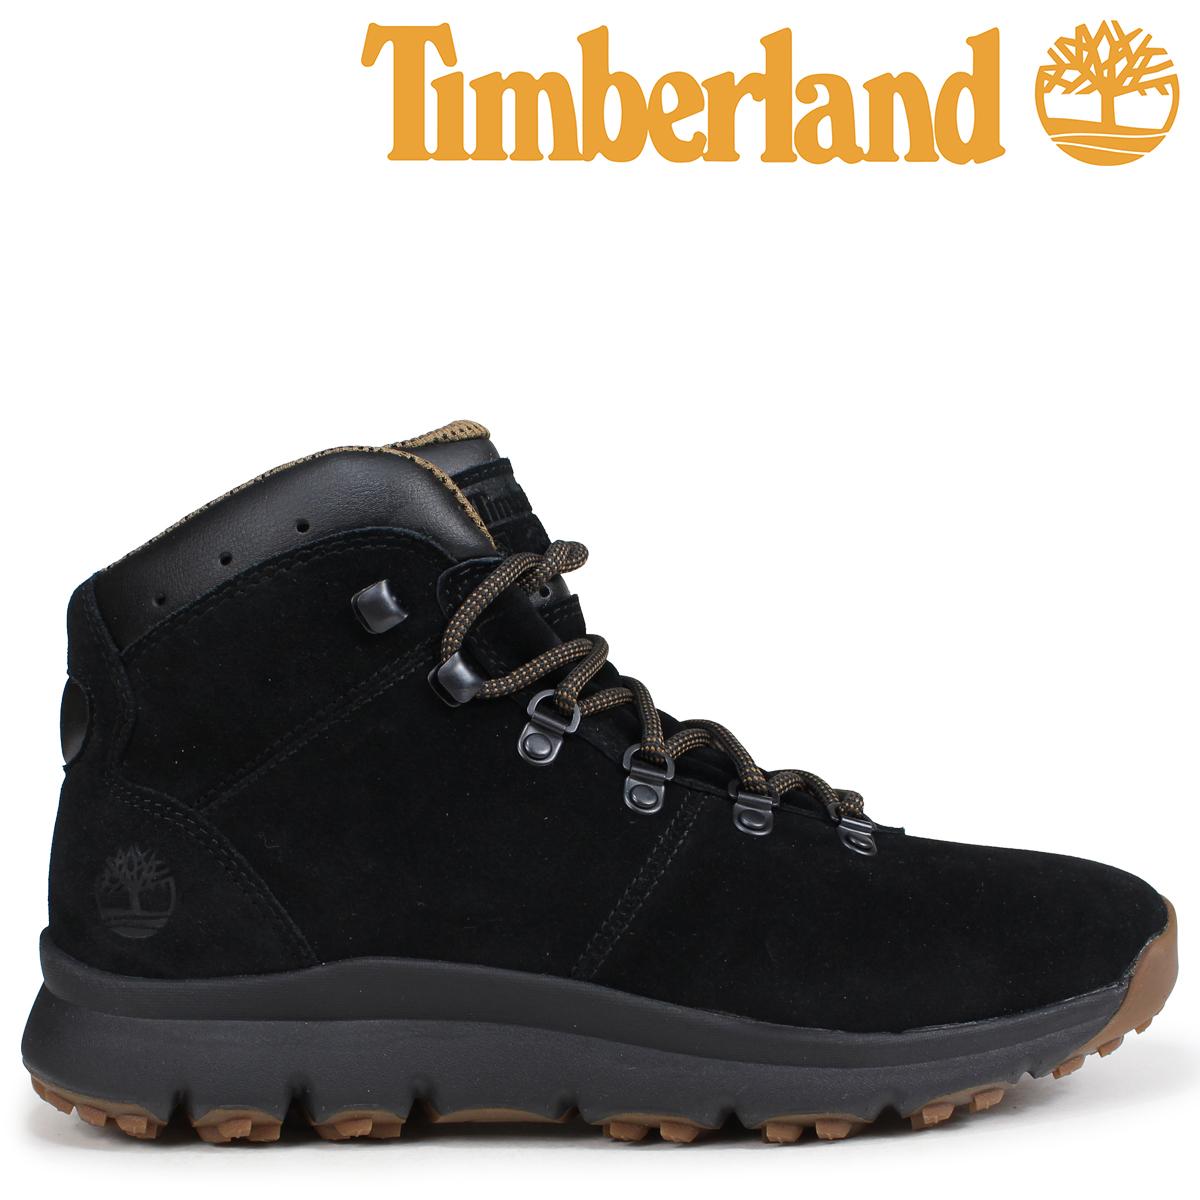 Timberland ブーツ メンズ ティンバーランド WORLD HIKER A1QFL Wワイズ ブラック